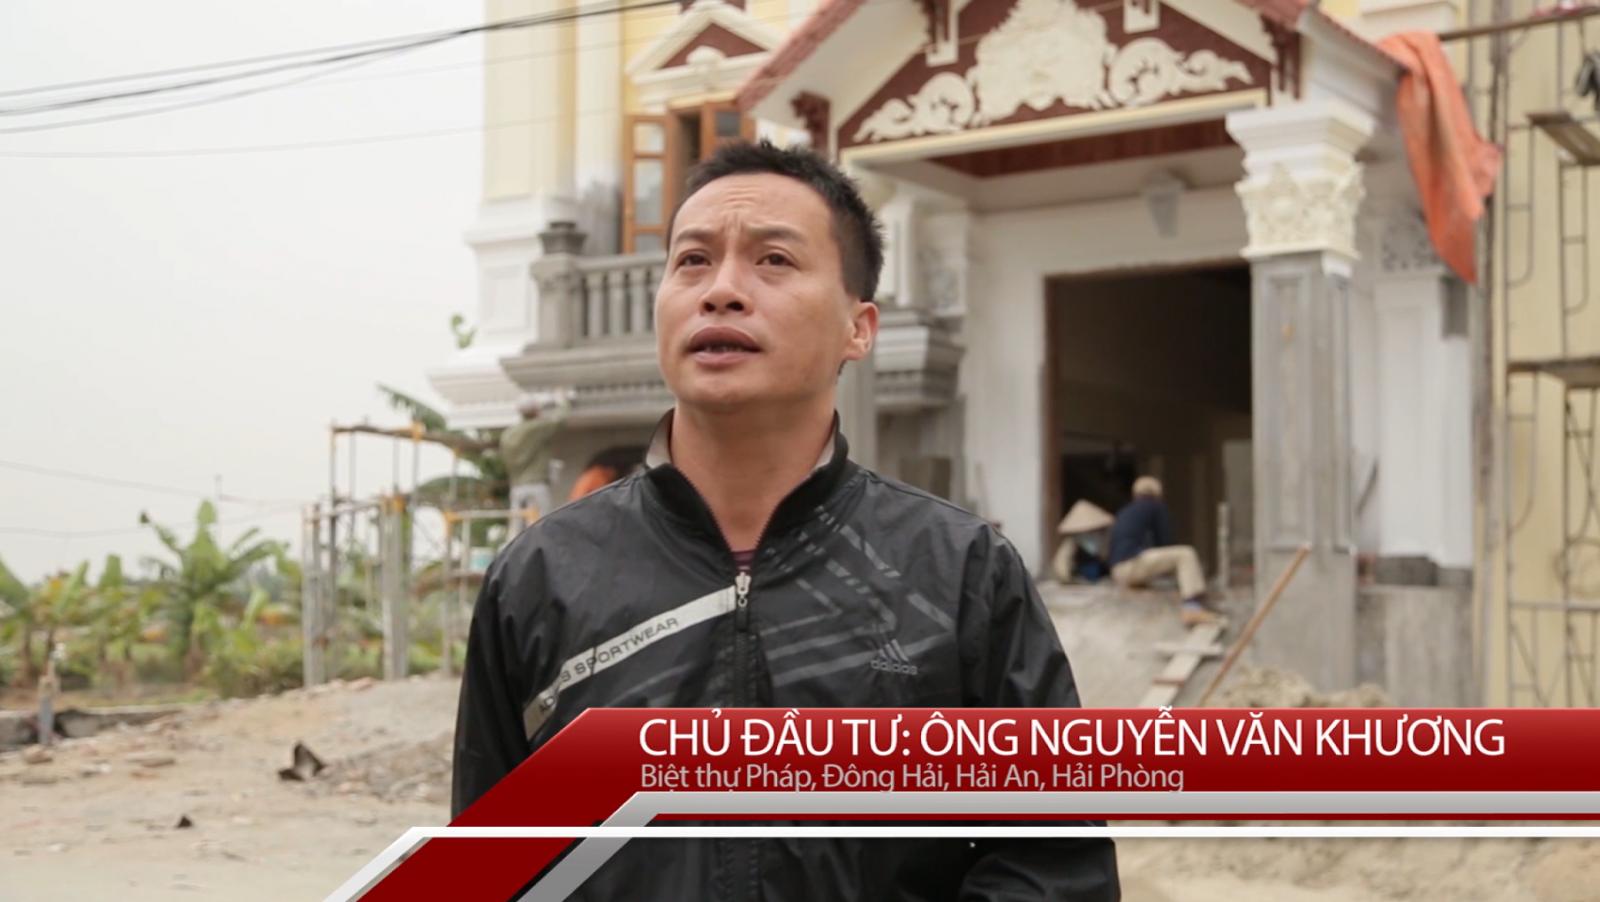 Đánh giá của CĐT Nguyễn Văn Khương- Biệt thự Pháp tại Hải Phòng